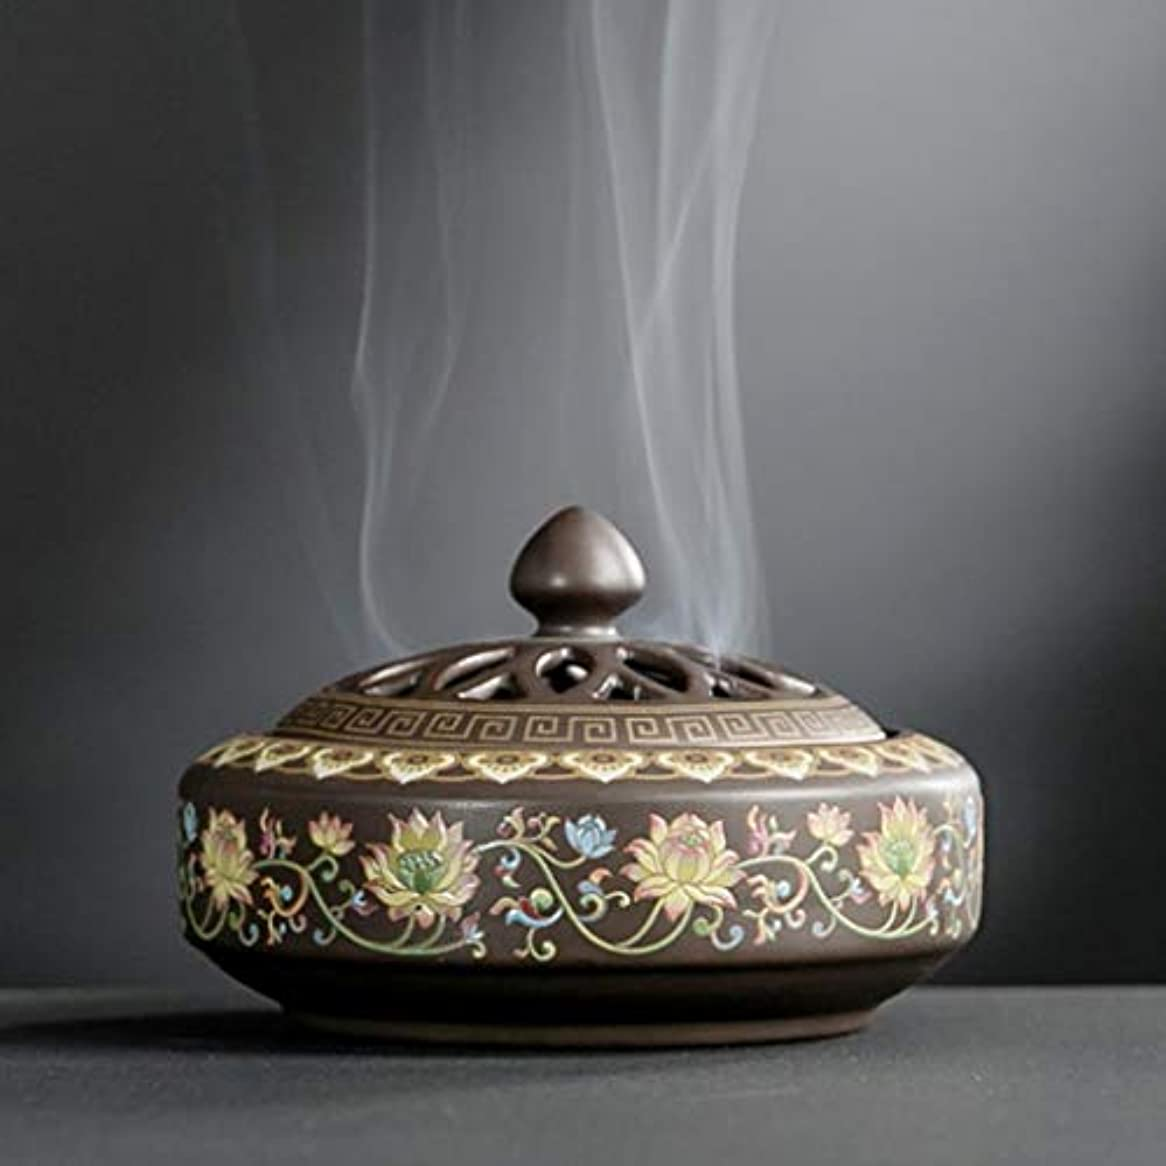 重要性インレイ施しYONIK 香炉 渦巻き線香ホルダー 蚊取り線香ホルダー 線香入れ 磁器 香皿 蓋付き 難燃綿付き 和風